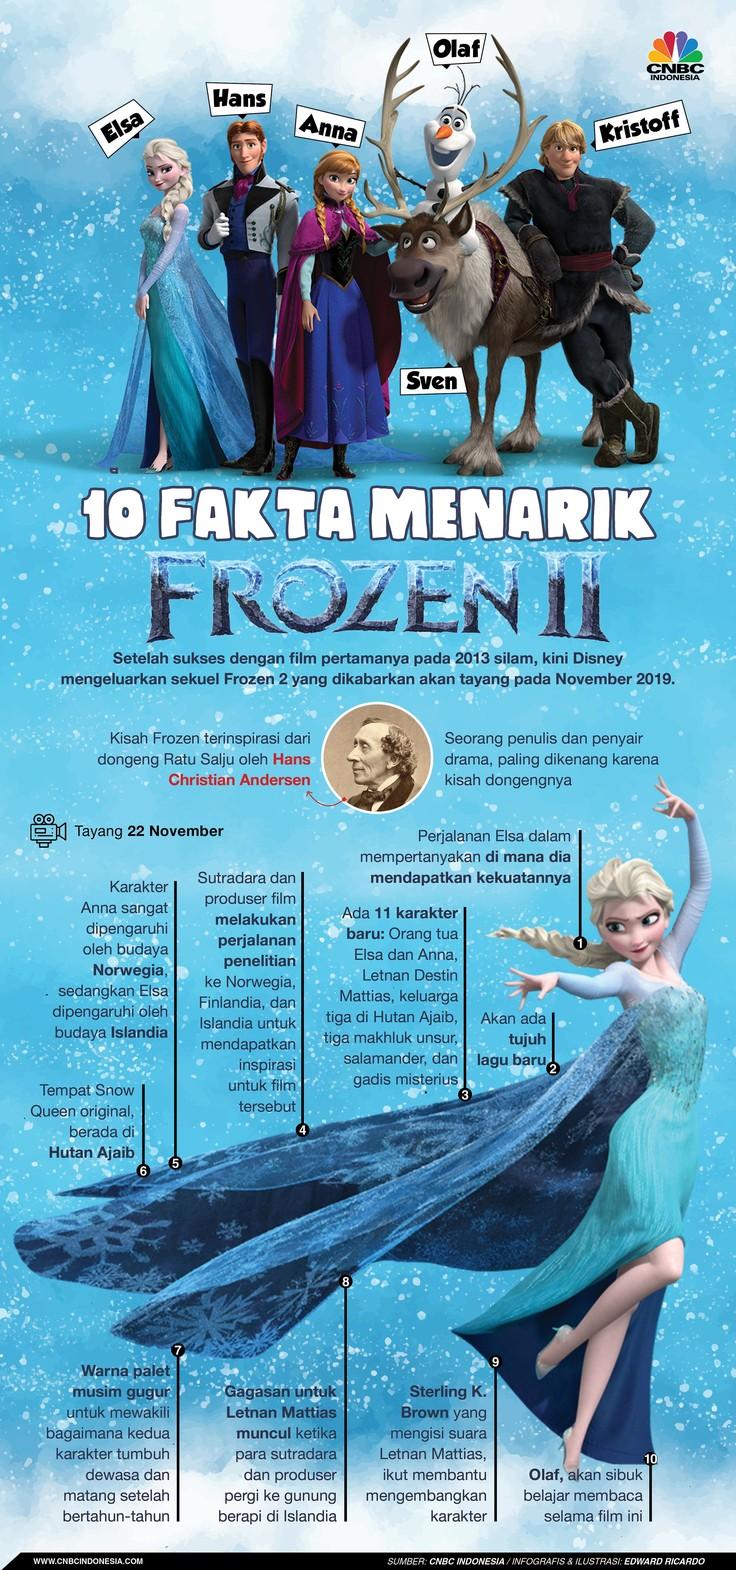 Frozen 2 akan hadir mulai 22 November, ini 10 fakta menariknya